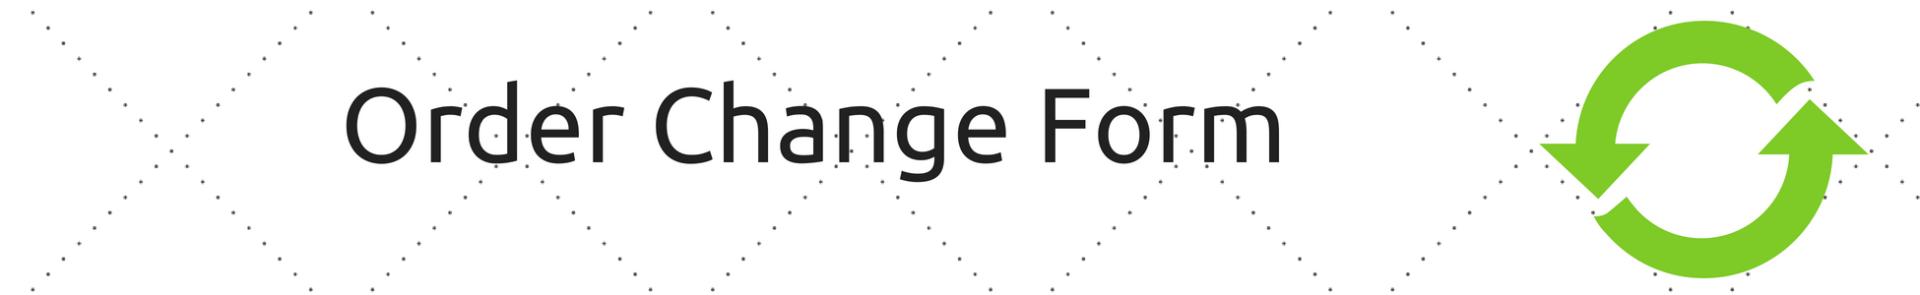 Order Change Form